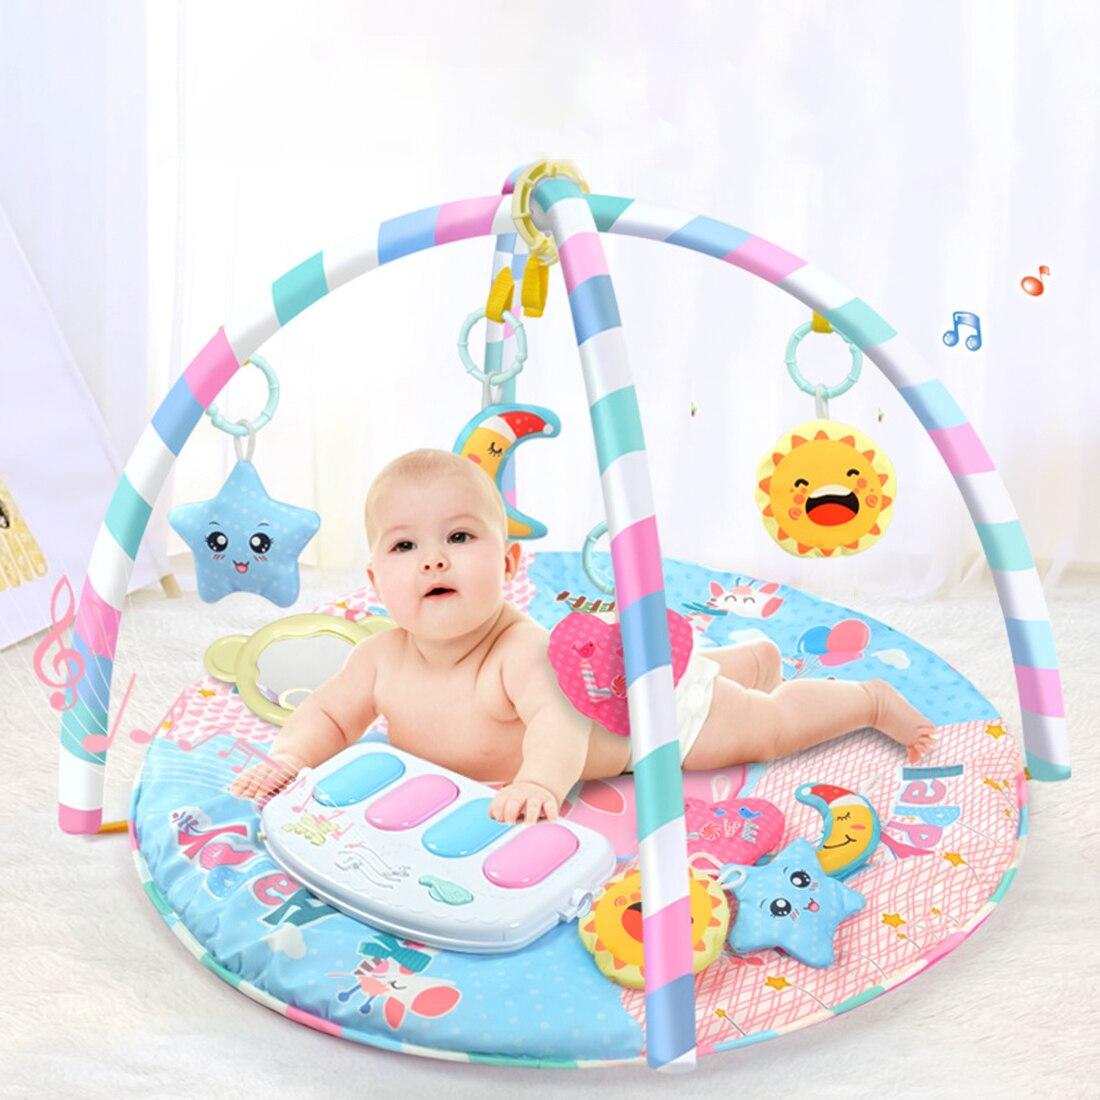 Tapis de jeu RC activité tapis de Fitness Musical Piano jeu jouets avec lumière pour bébé bébé jouant